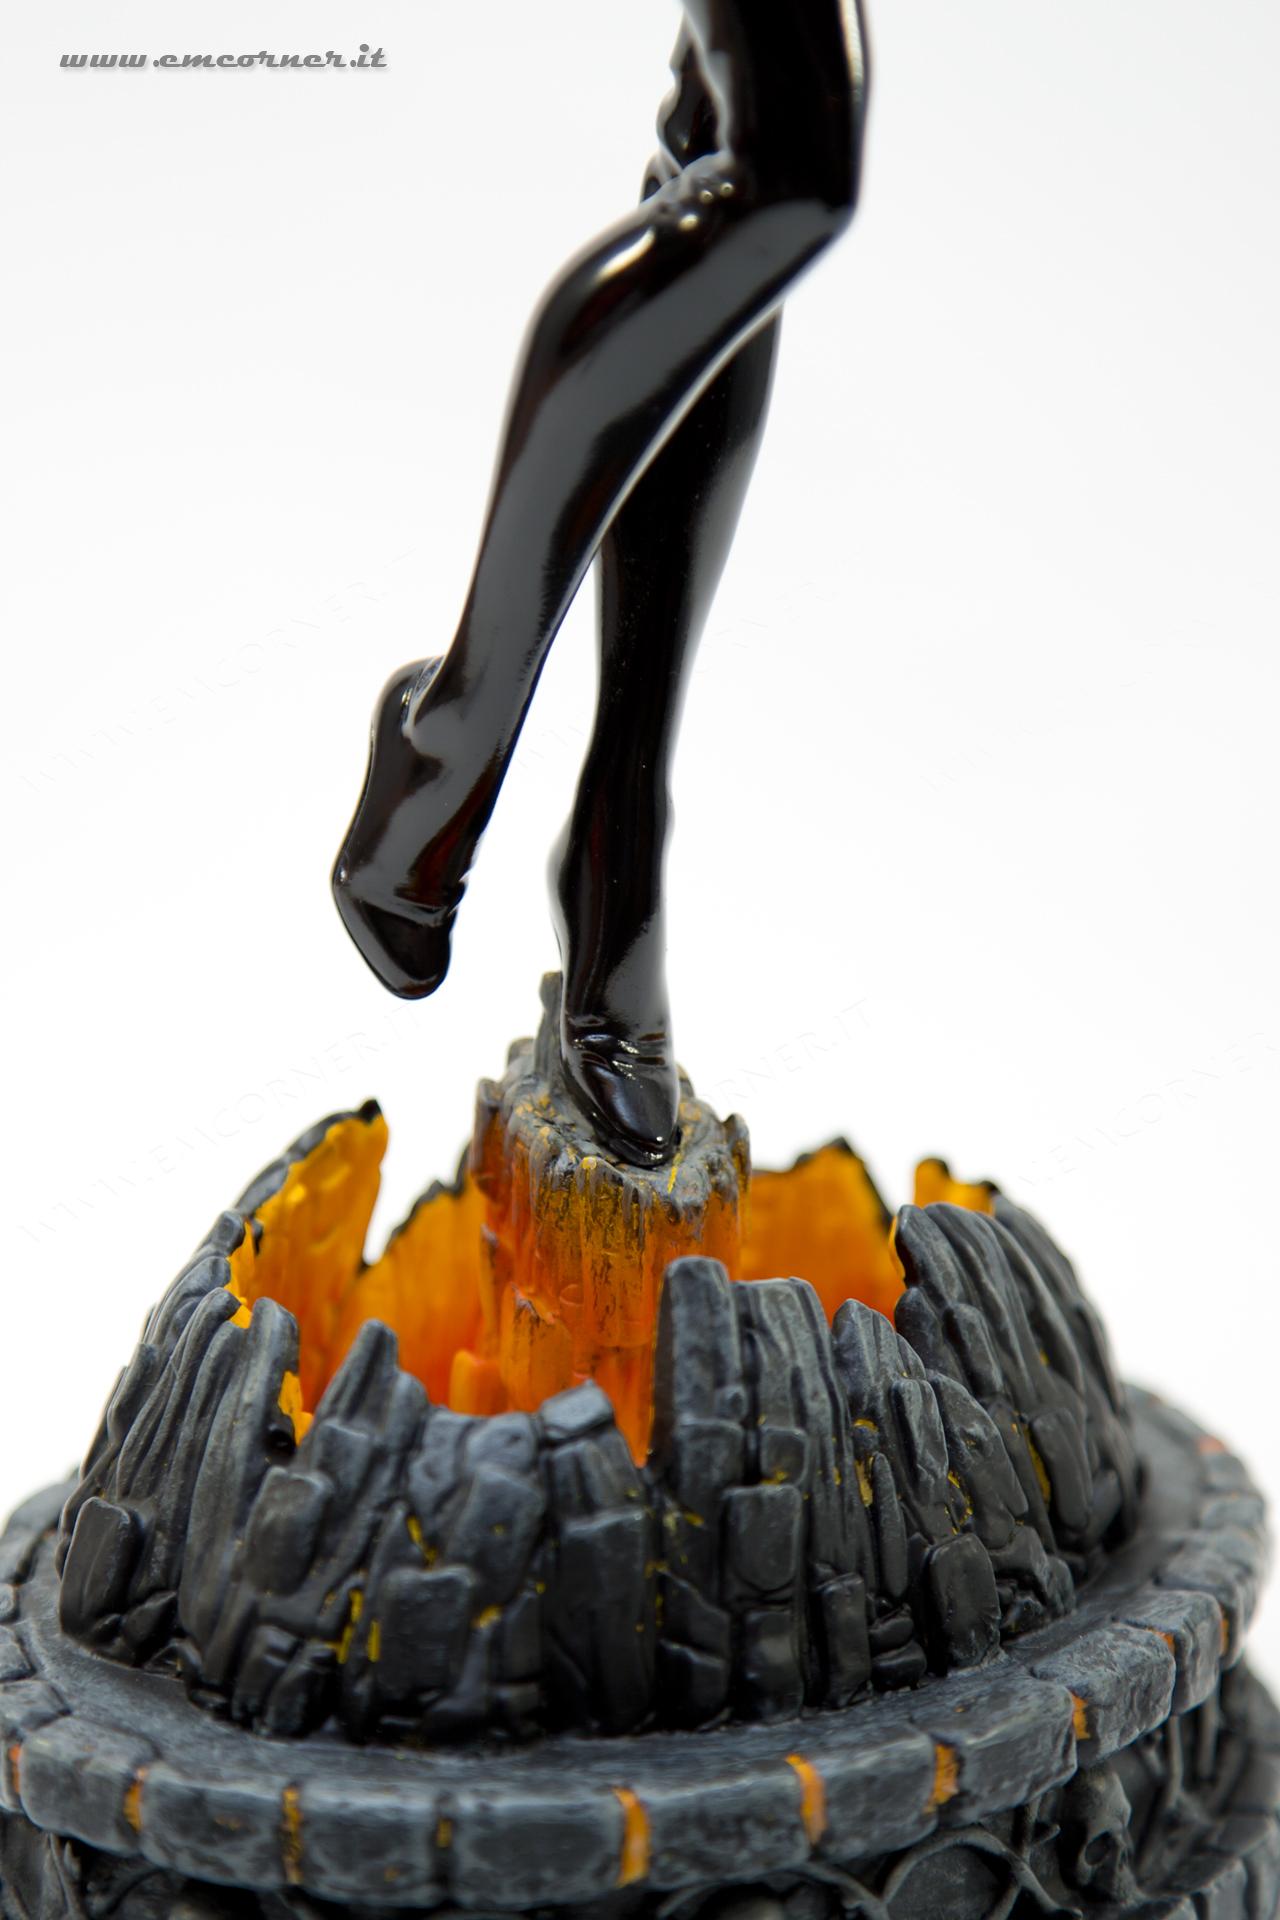 purgatori-dynamite-bw-emcorner-15